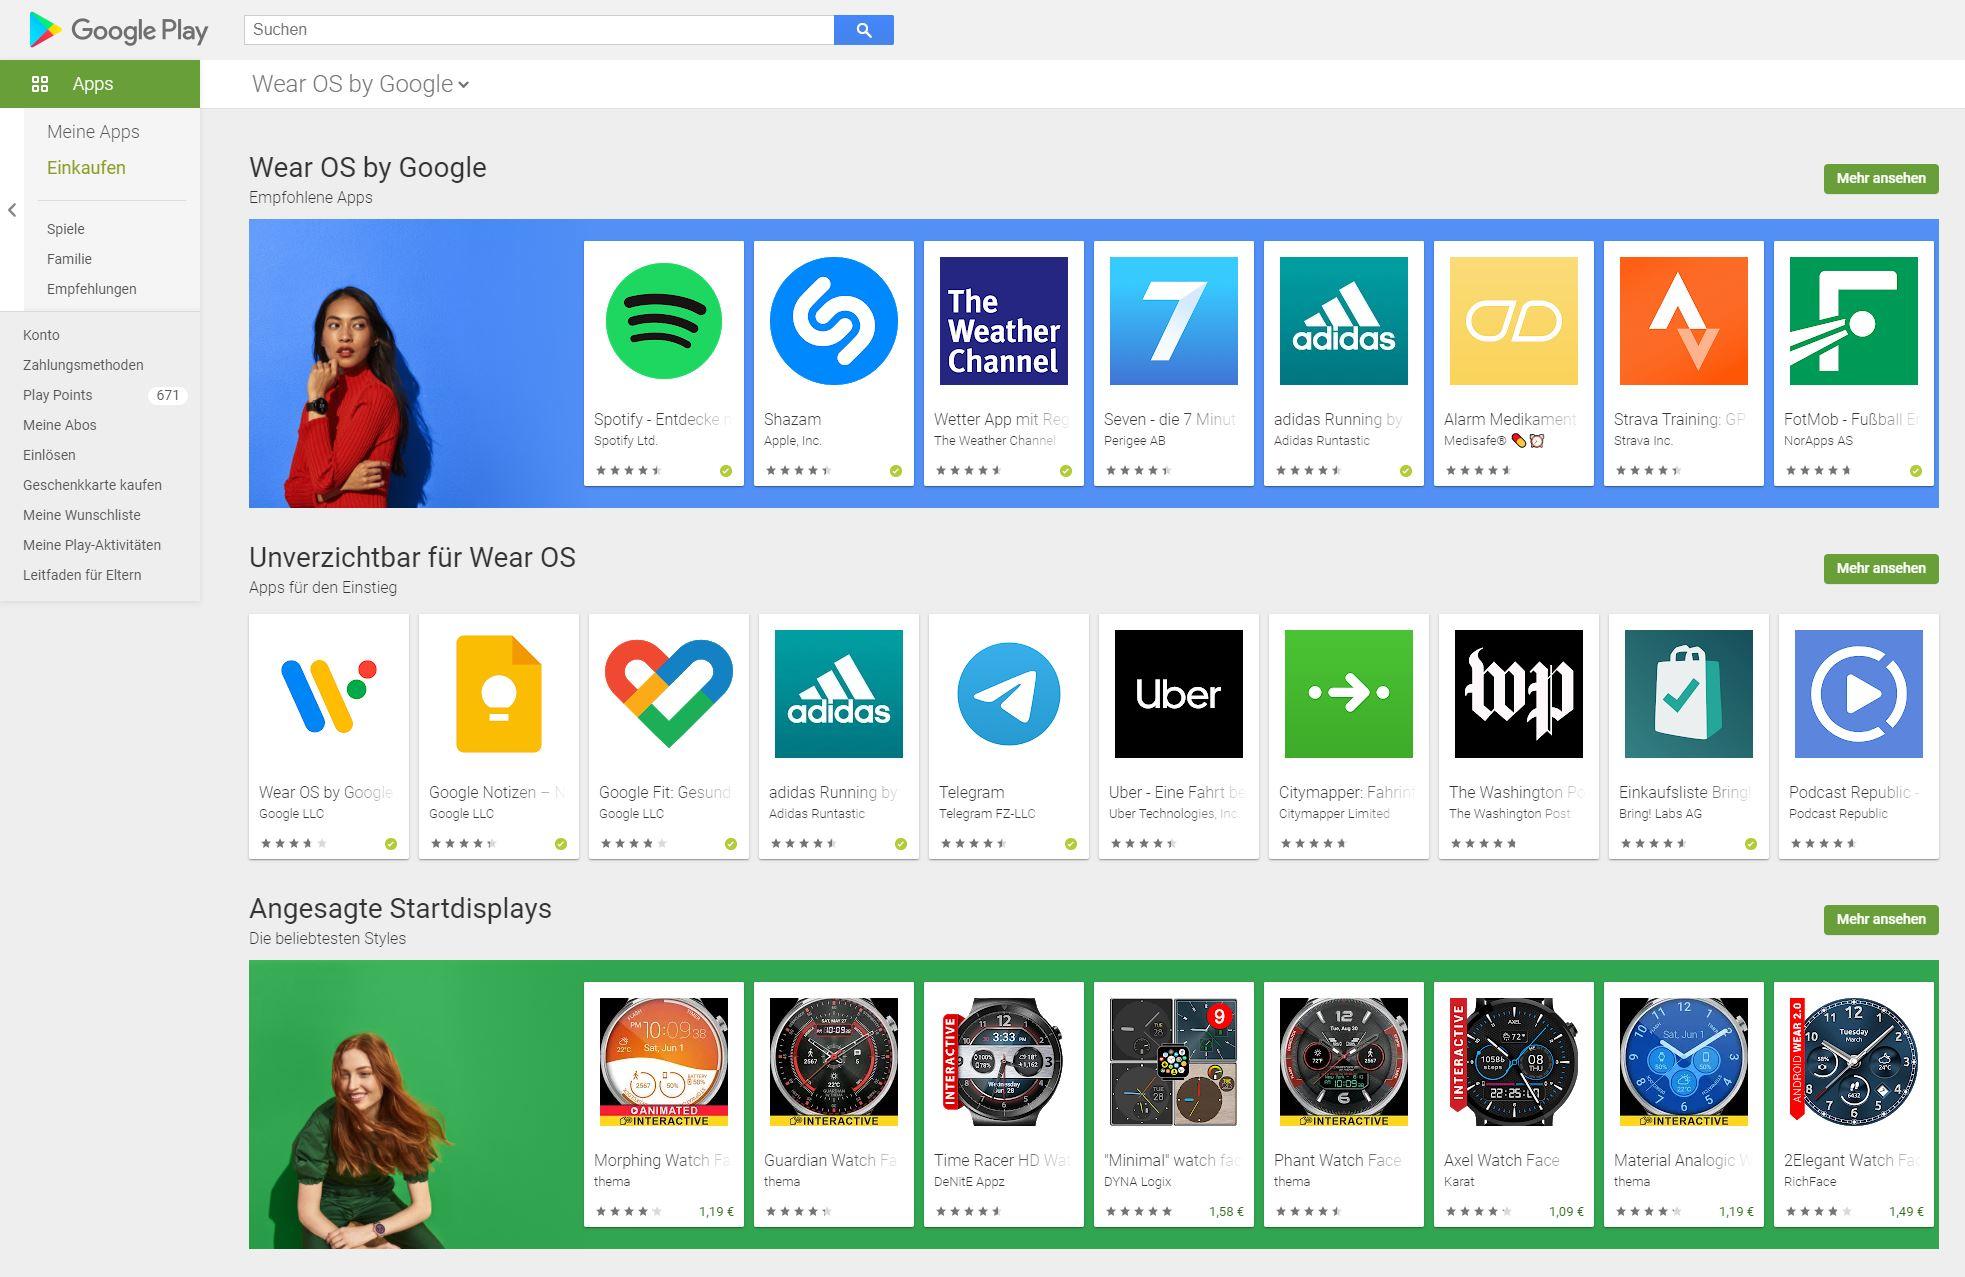 -berraschendes-Update-f-r-Wear-OS-Apps-im-Google-Play-Store